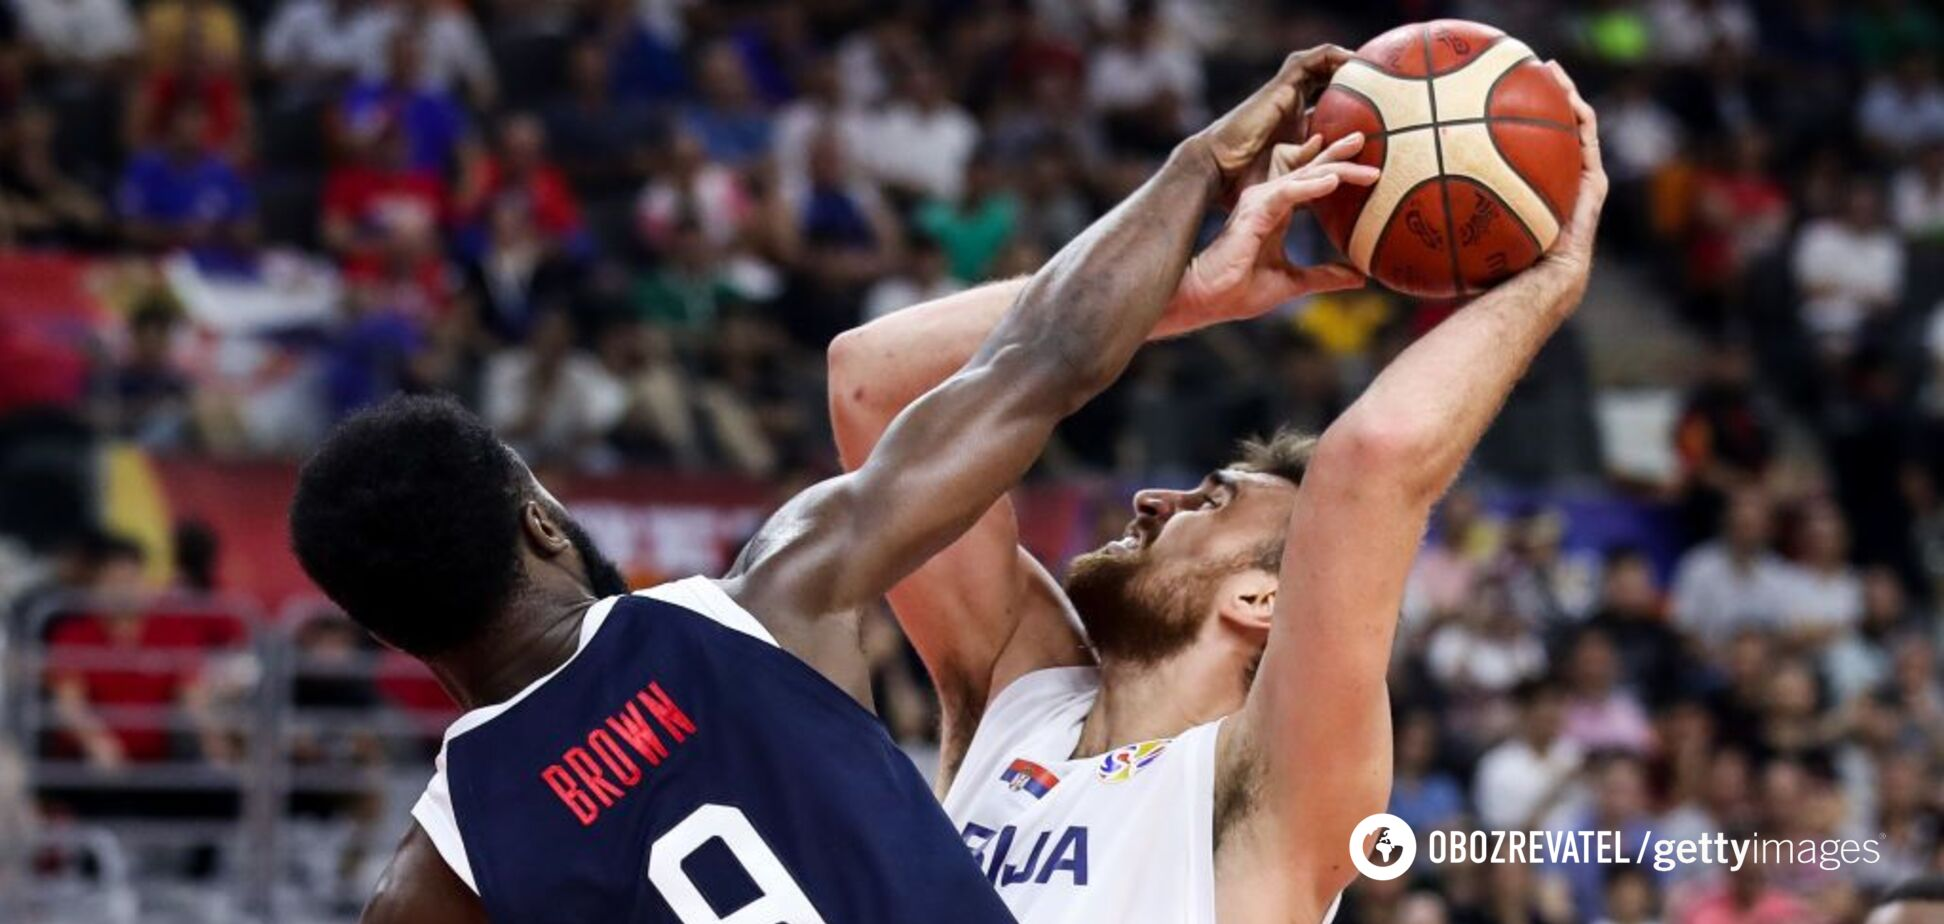 Найгірший в історії: США зганьбилися на ЧС із баскетболу